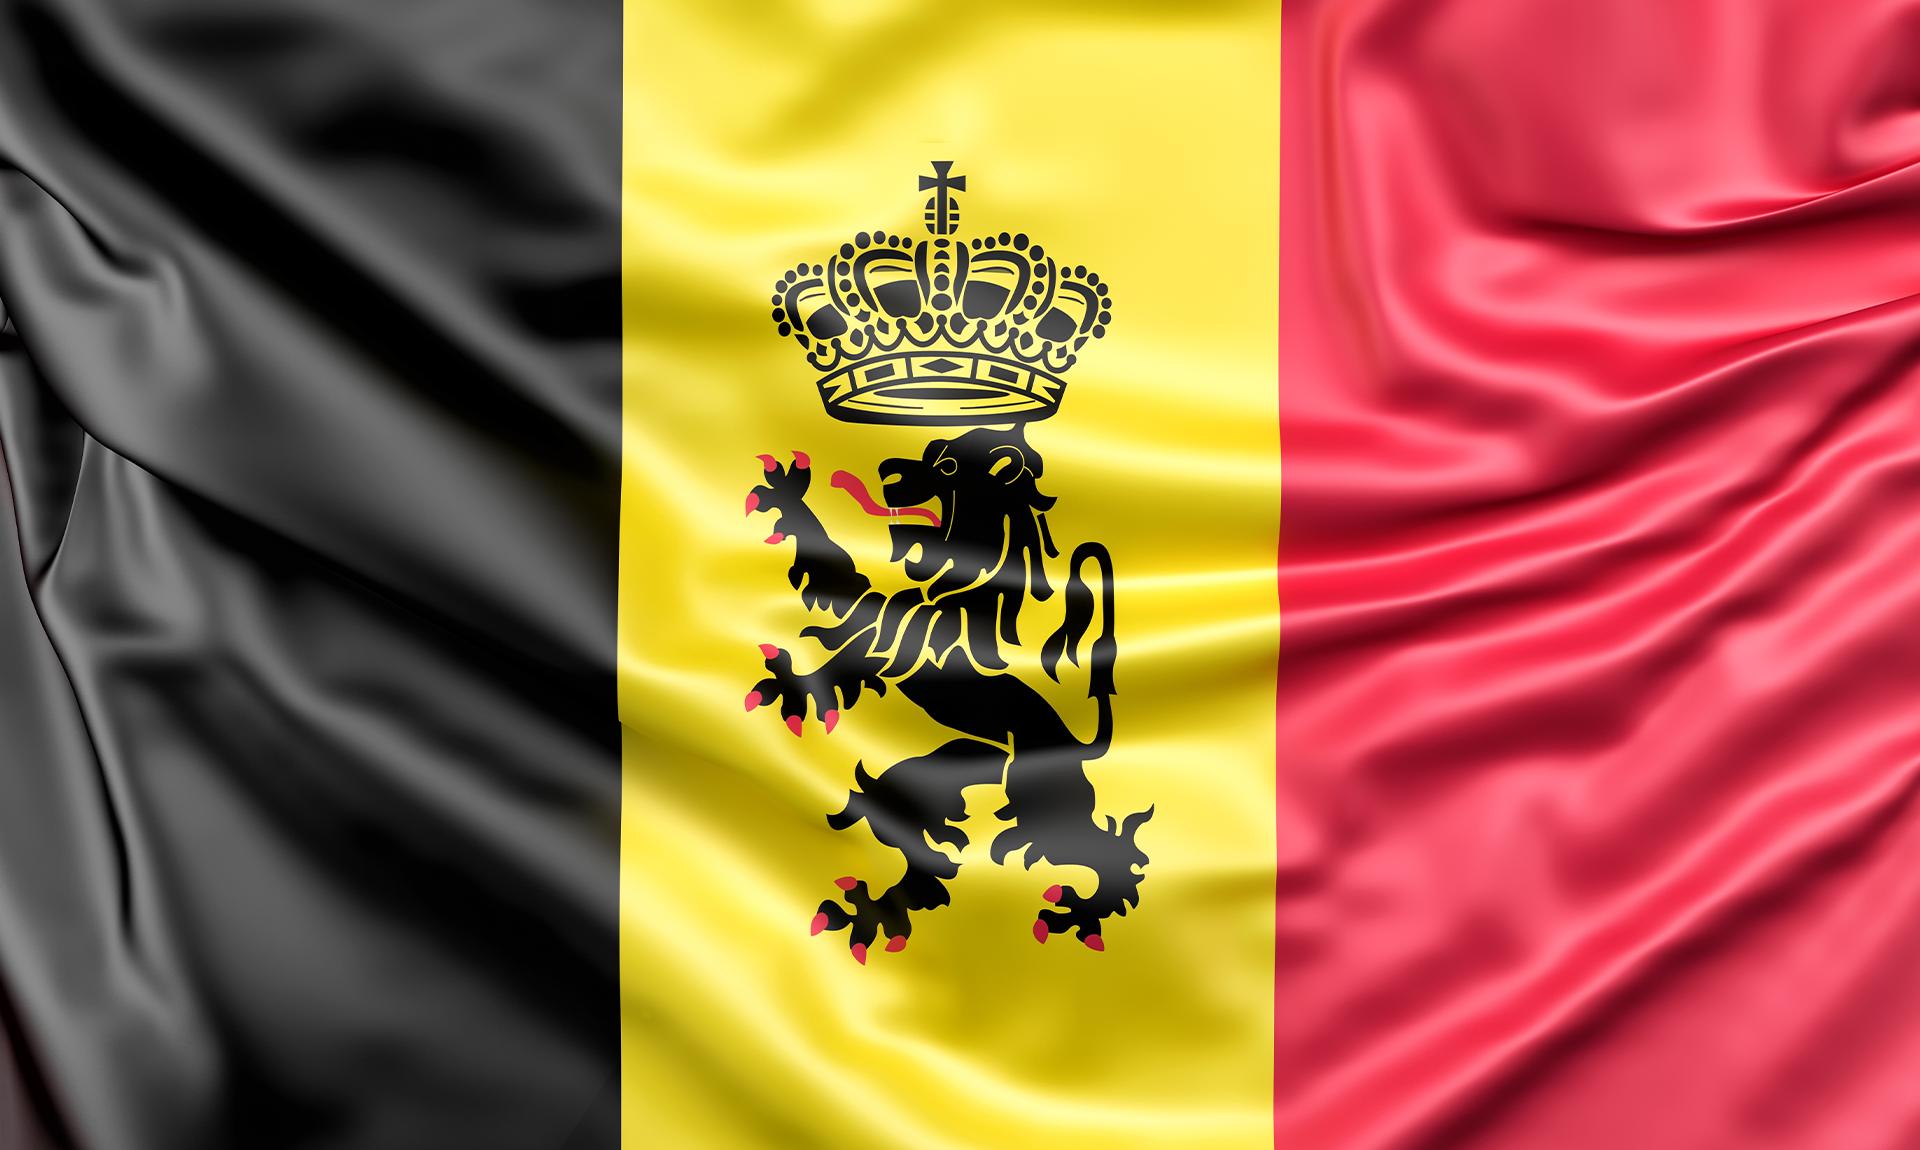 mercato belga/belgian market